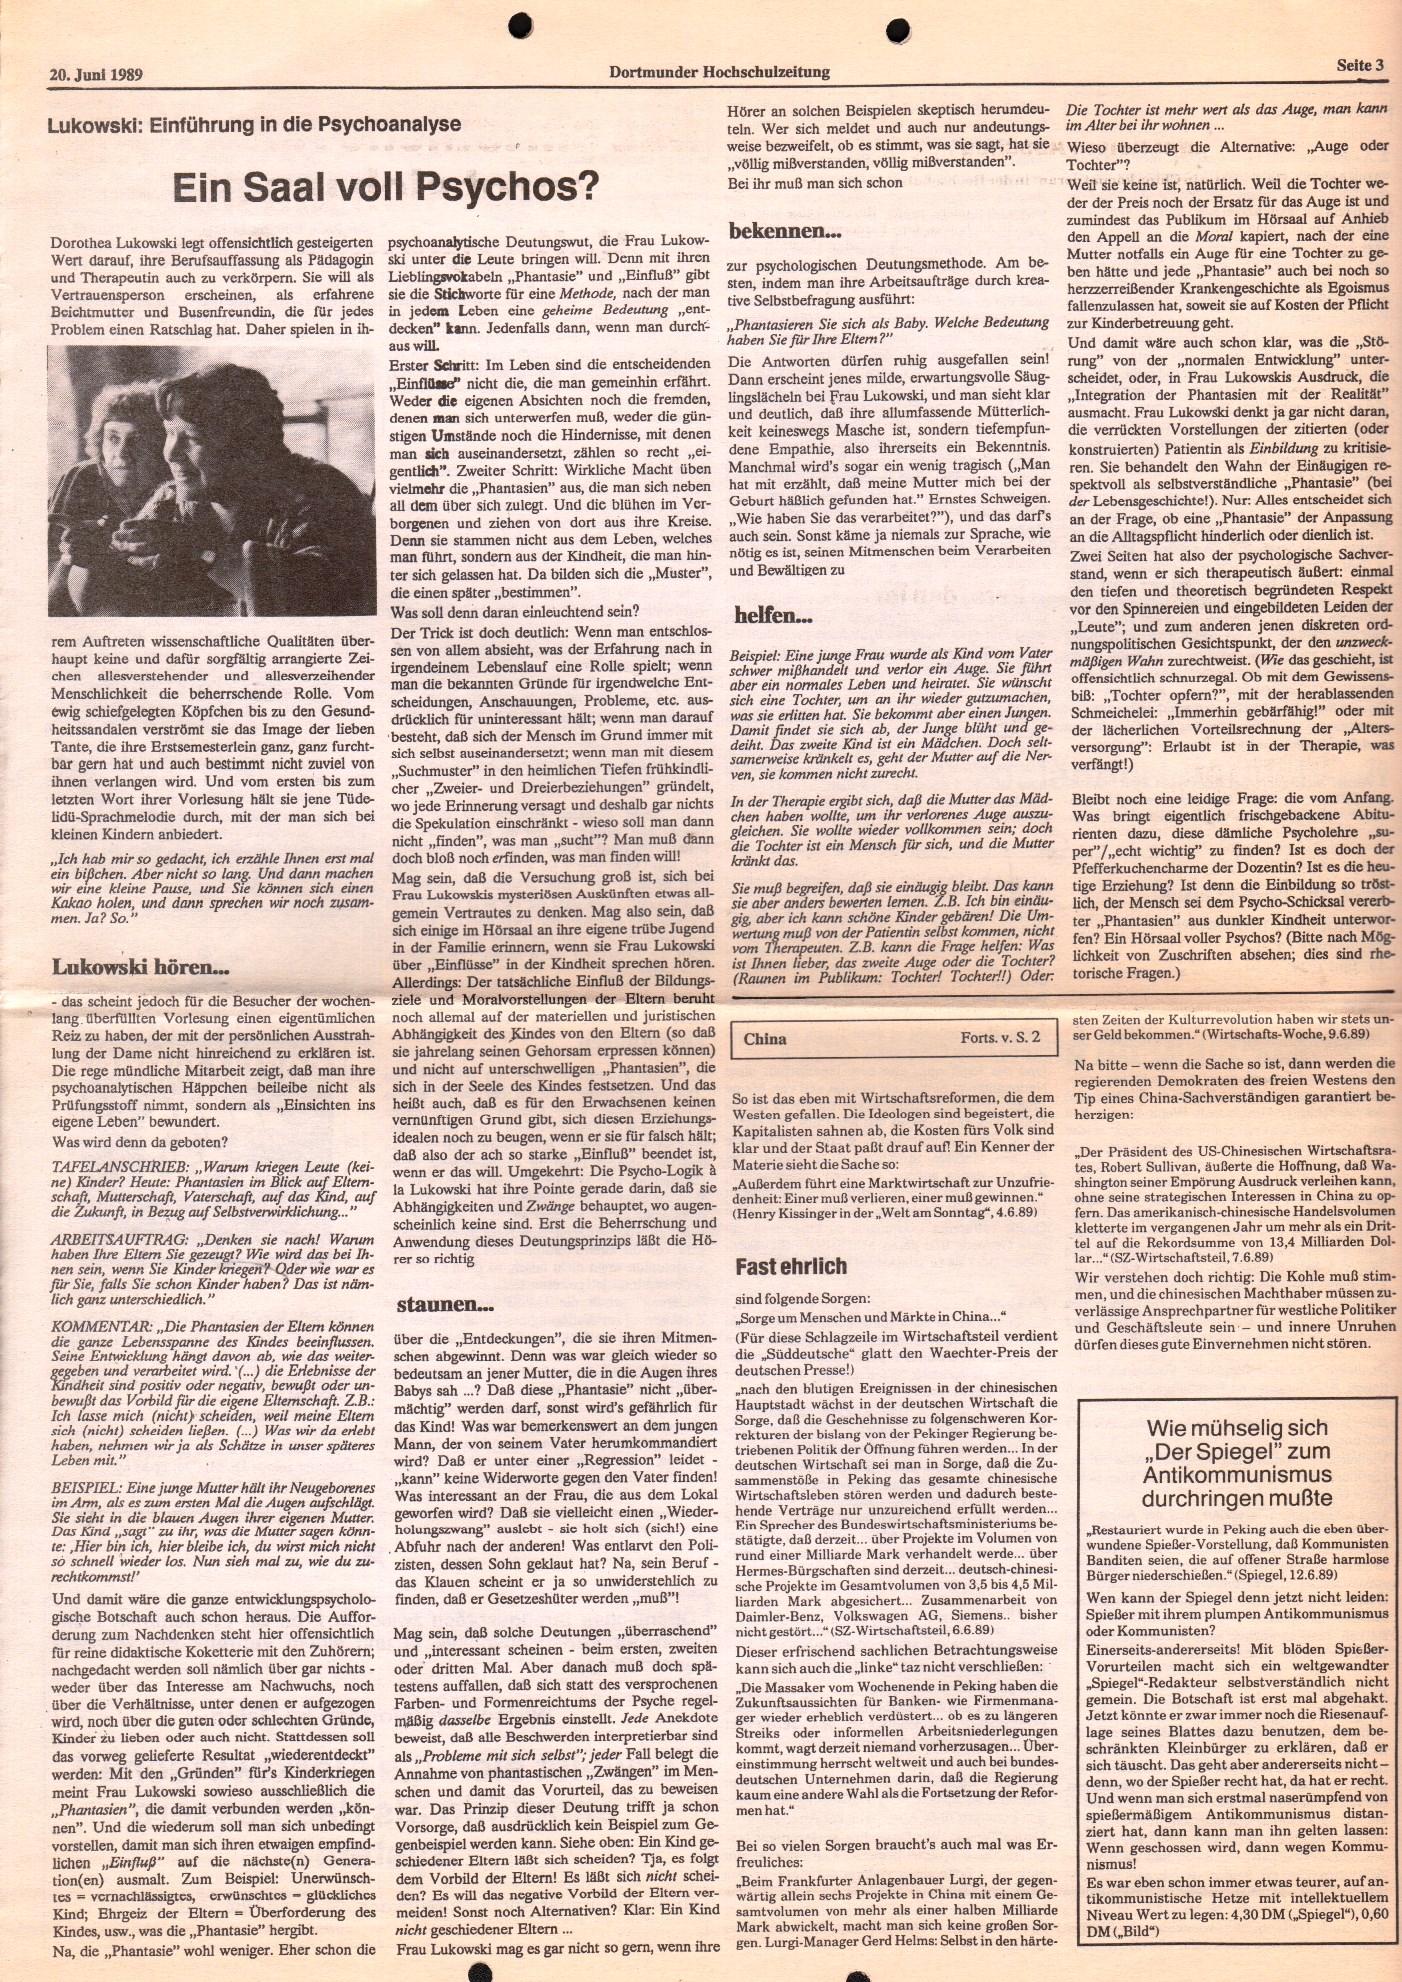 MG_Dortmunder_Hochschulzeitung_19890620_03